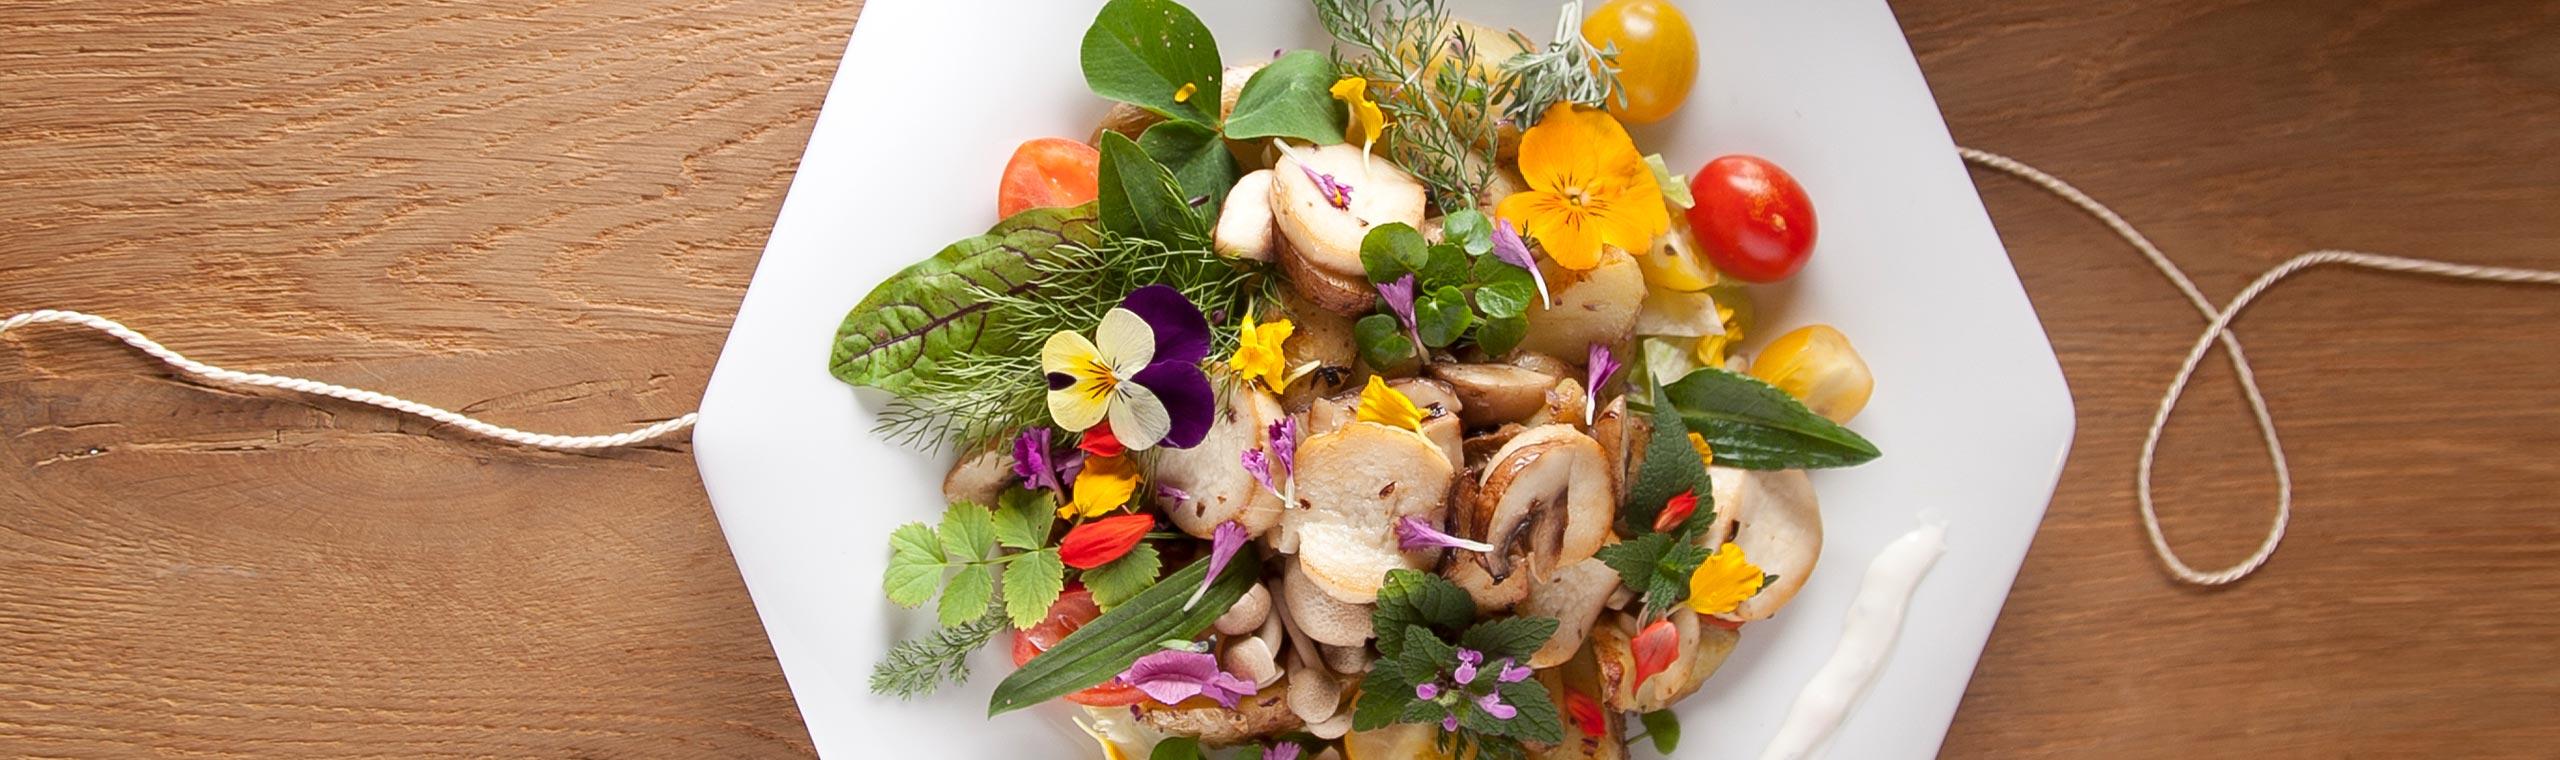 Wildkräutersalat mit Blüten